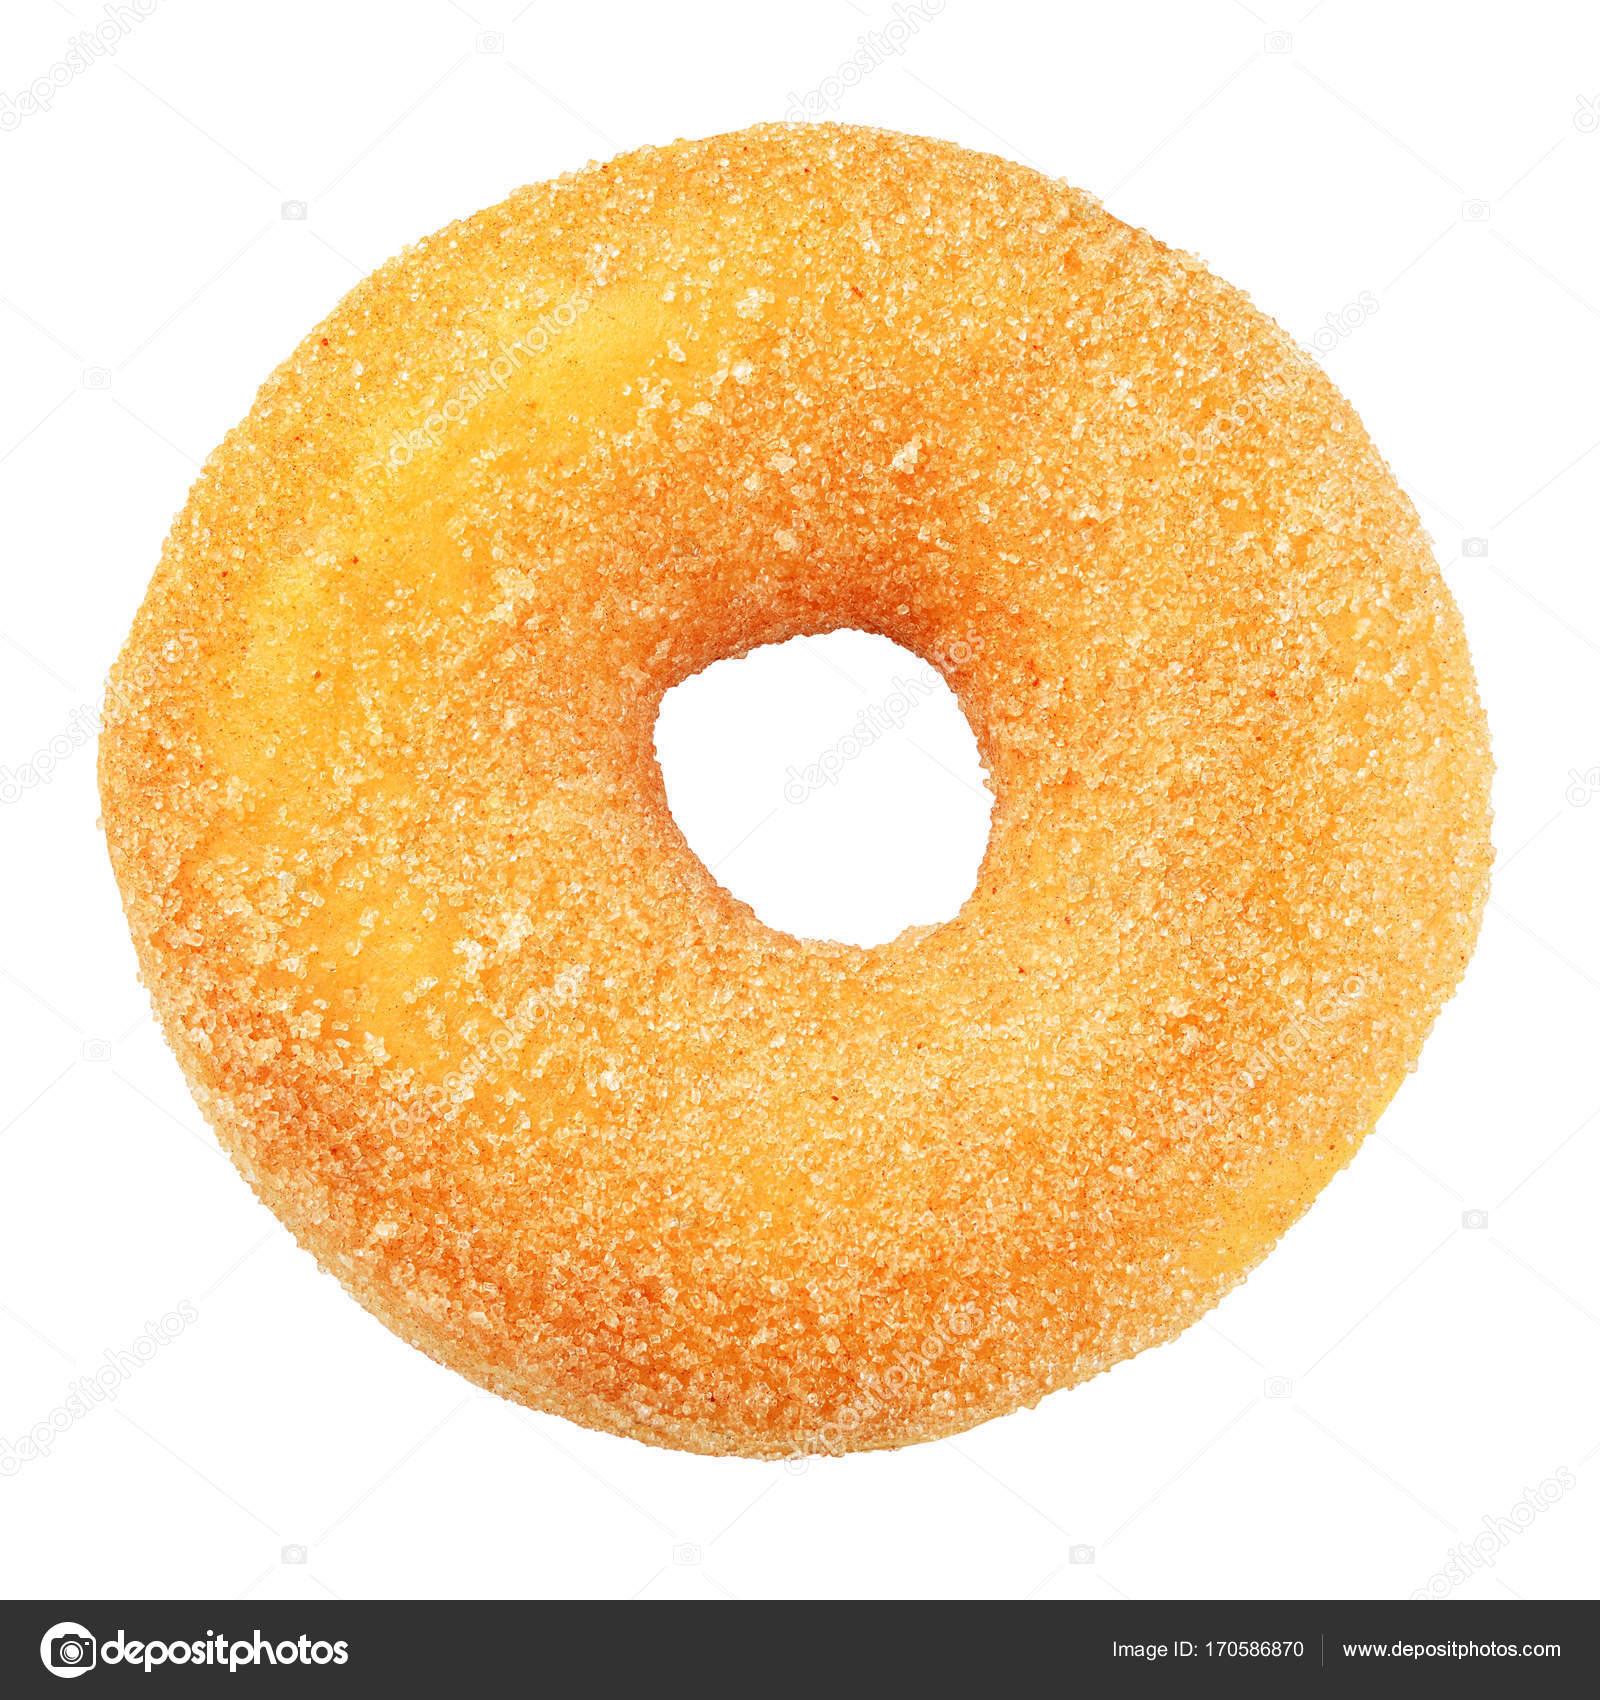 Yellow donut isolated — Stock Photo © Ha4ipiri #170586870